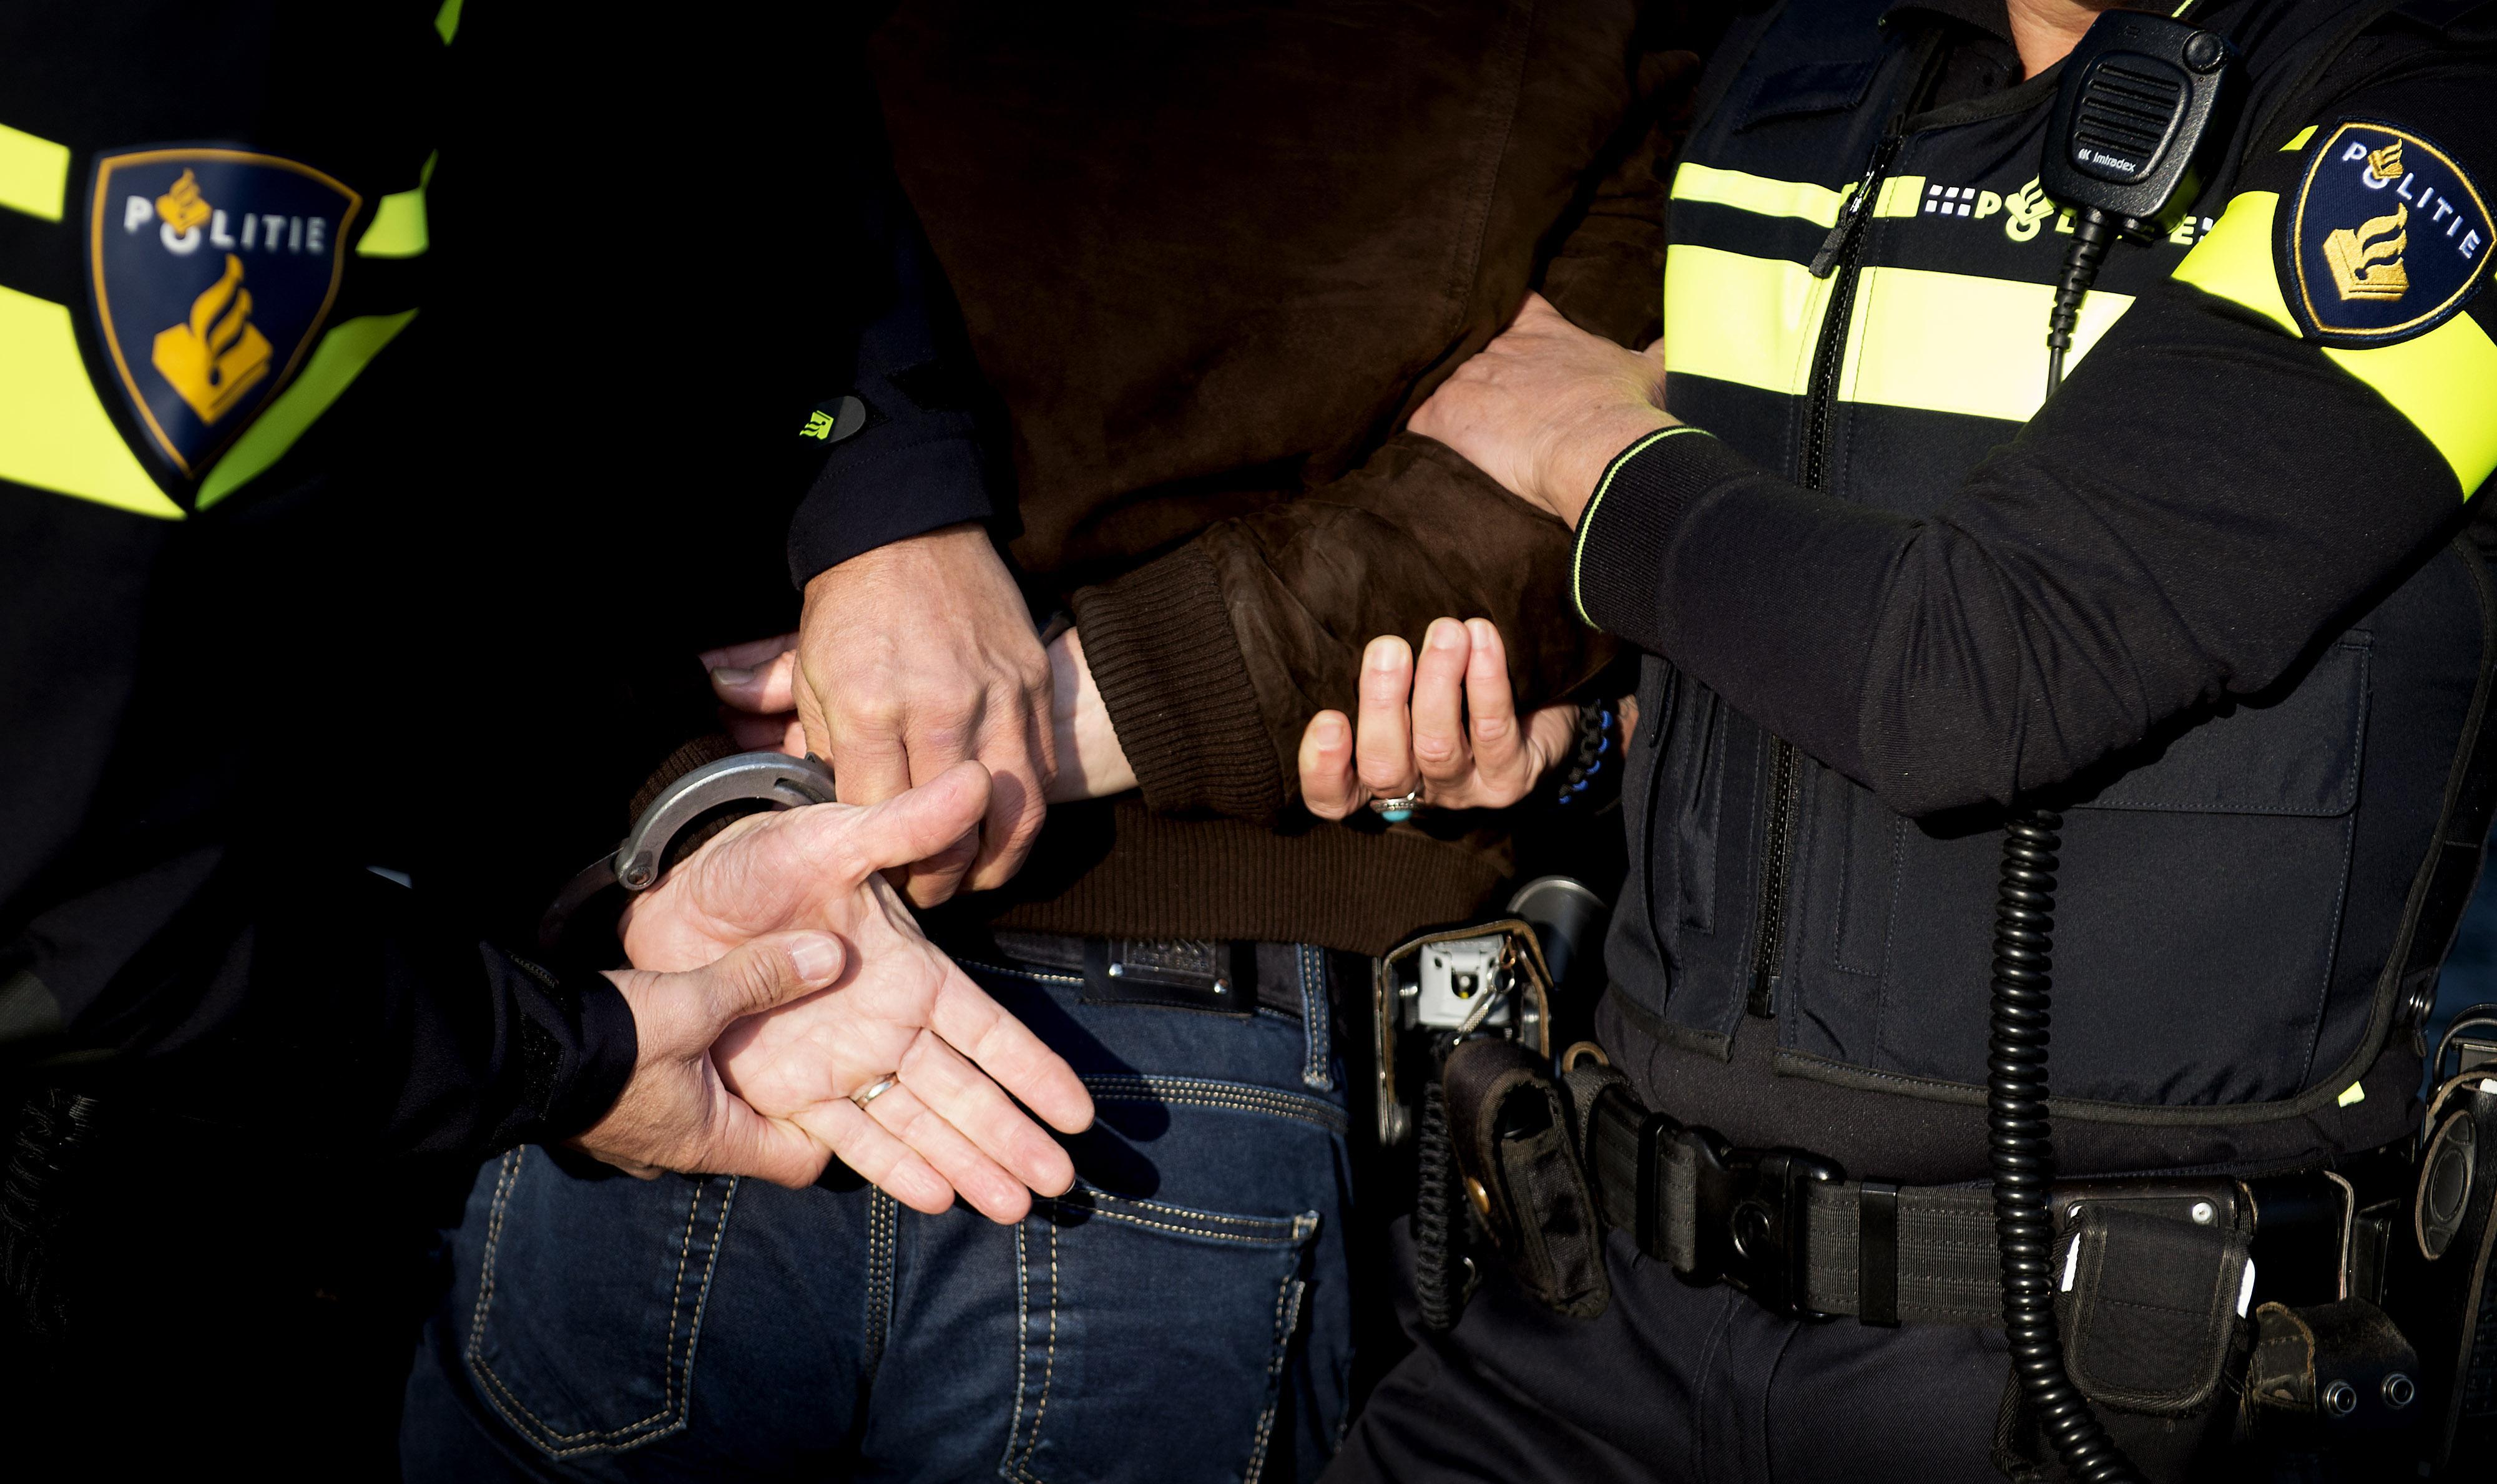 16-jarige jongen aangehouden voor straatroof en mishandeling leeftijdsgenoot, mogelijk meer slachtoffers